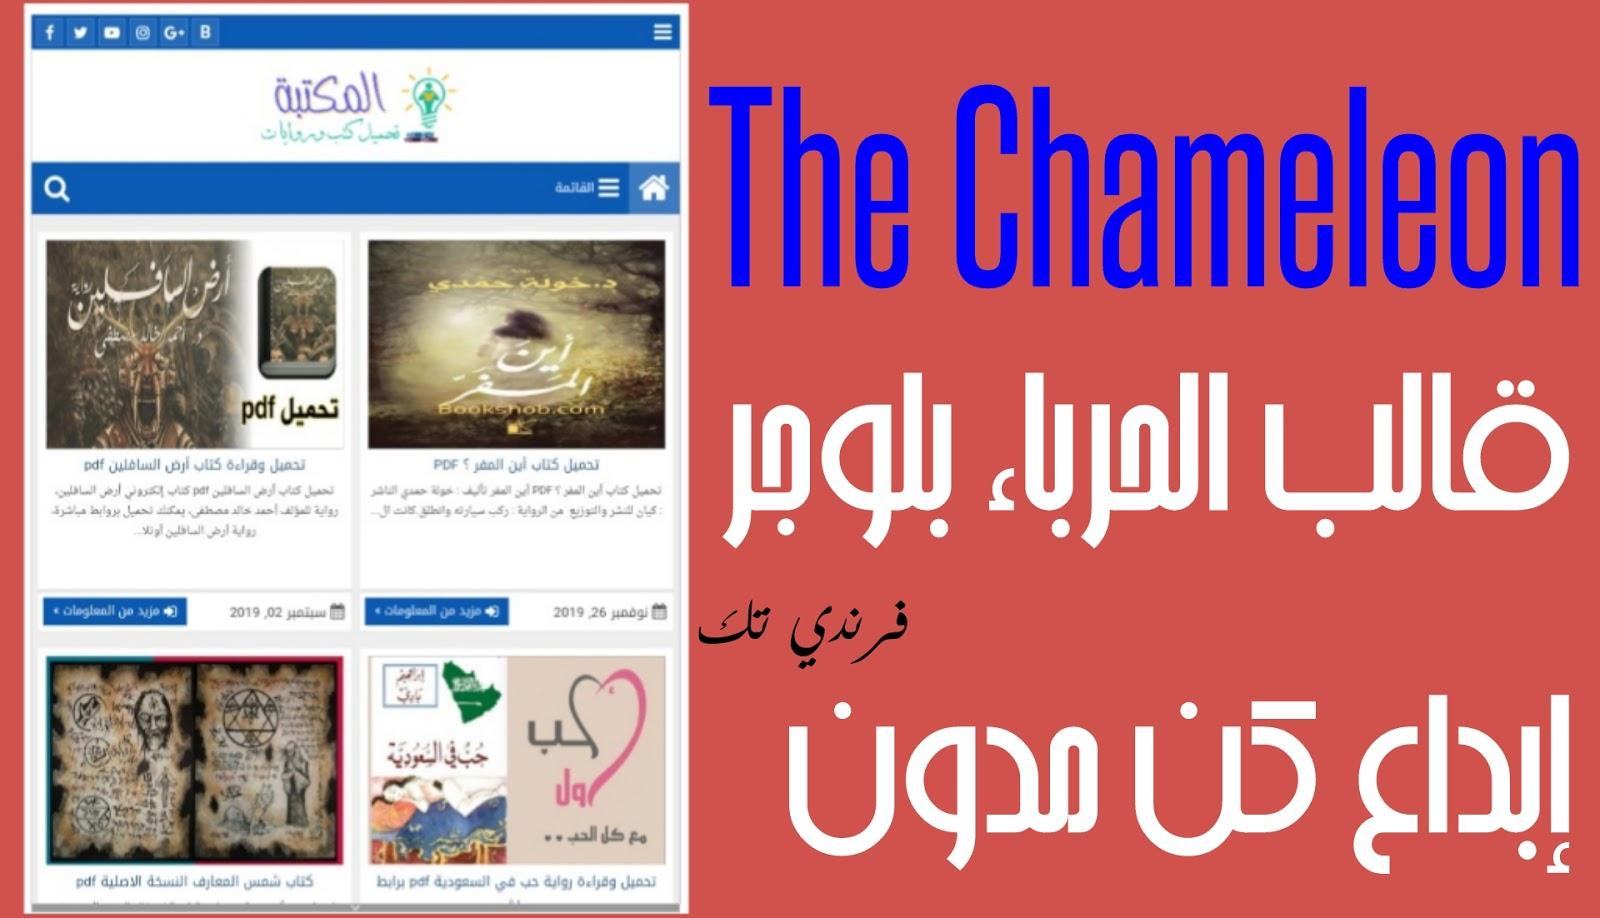 قالب الحرباء - The Chameleon لمدونات بلوجر || إبداع كن مدون